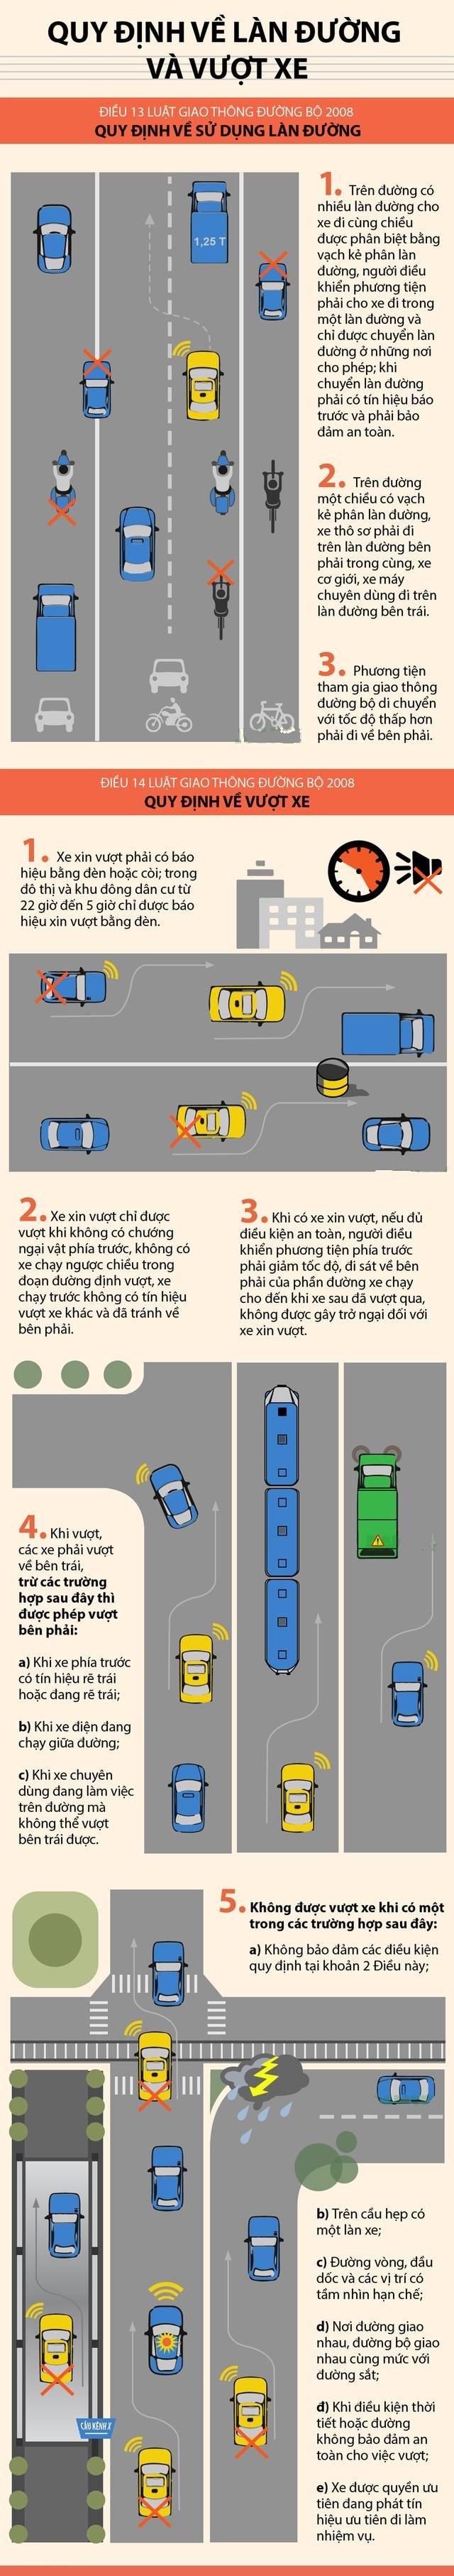 Những điểm cần chú ý về quy định làn đường và vượt xe.